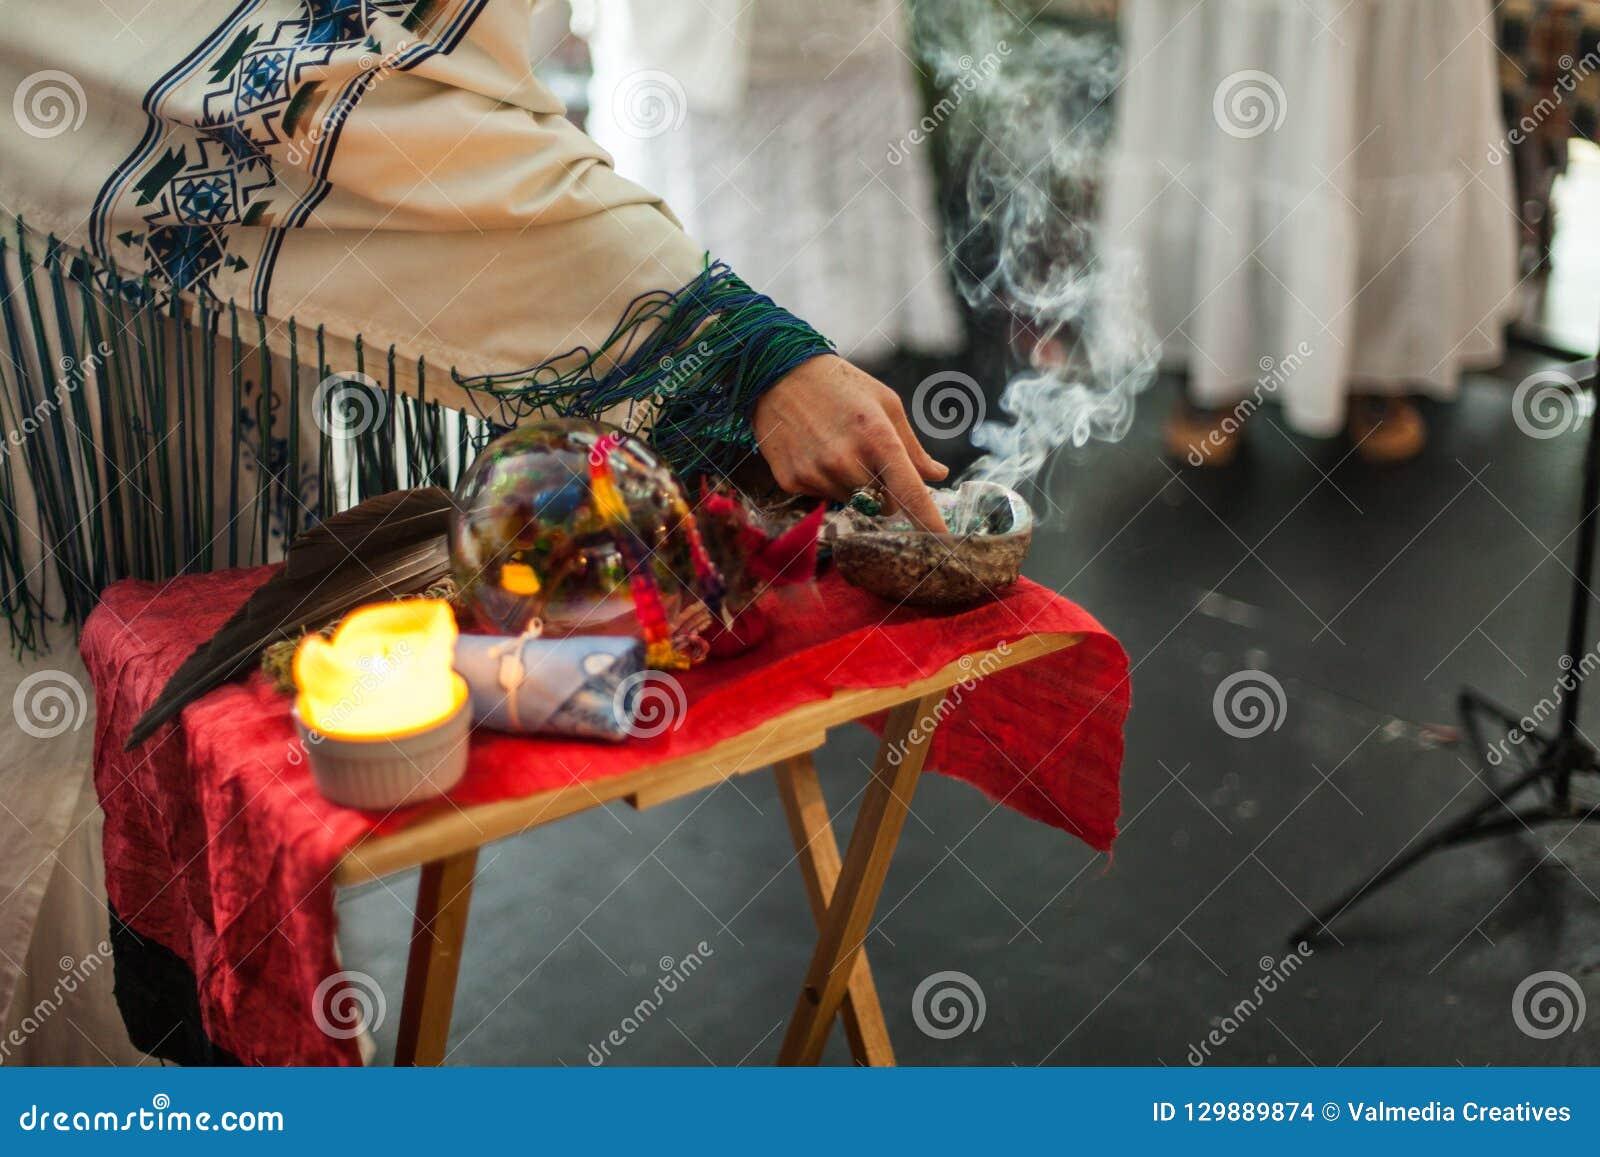 La mujer en traje ceremonial está tocando el sabio que fuma